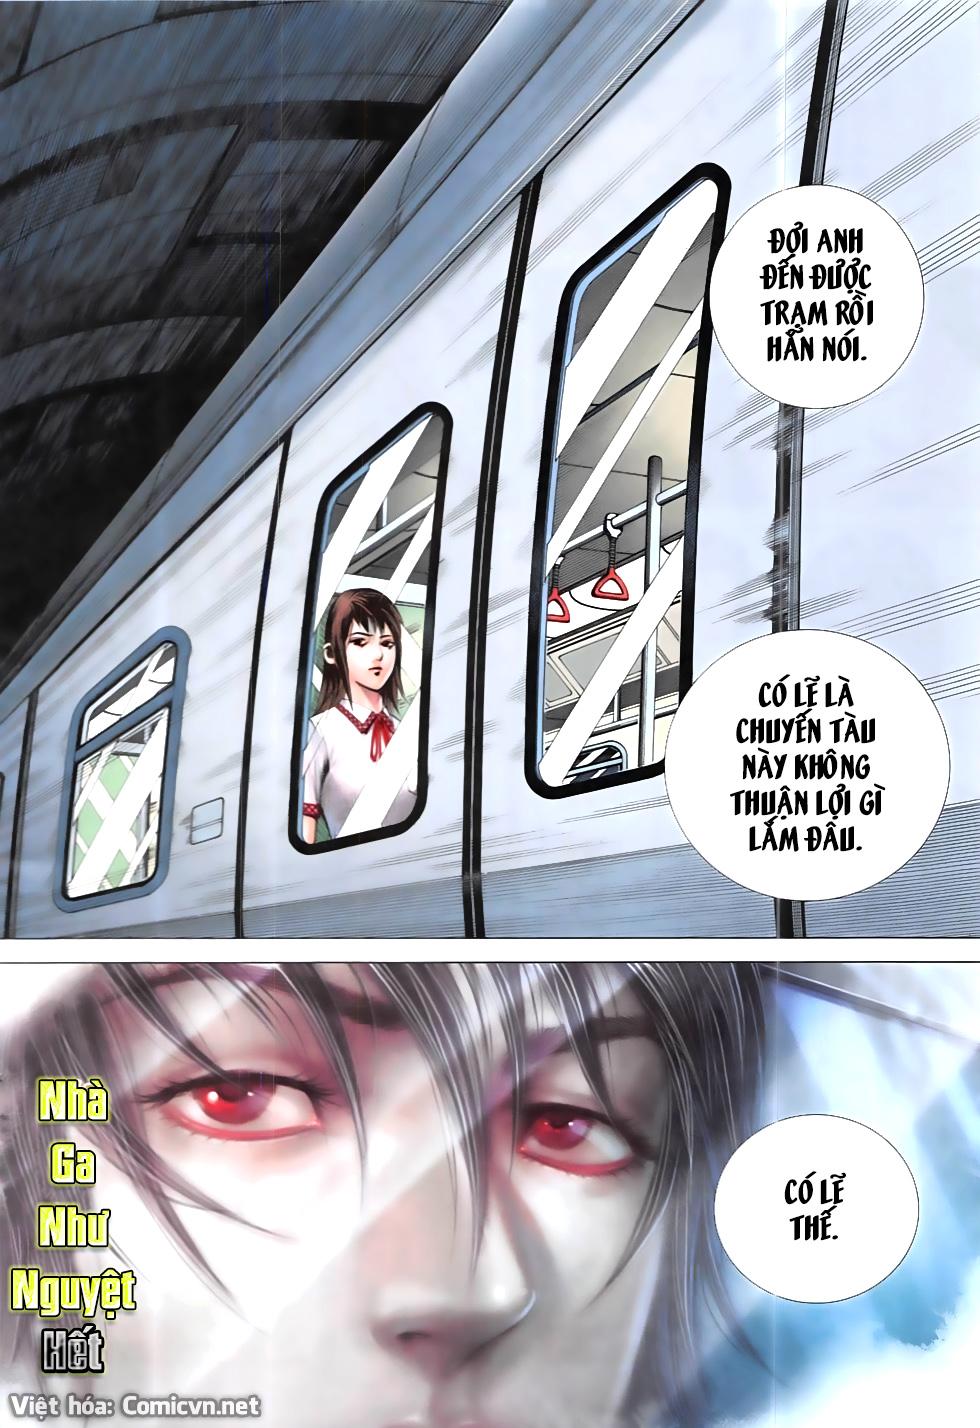 Nhà ga Như Nguyệt